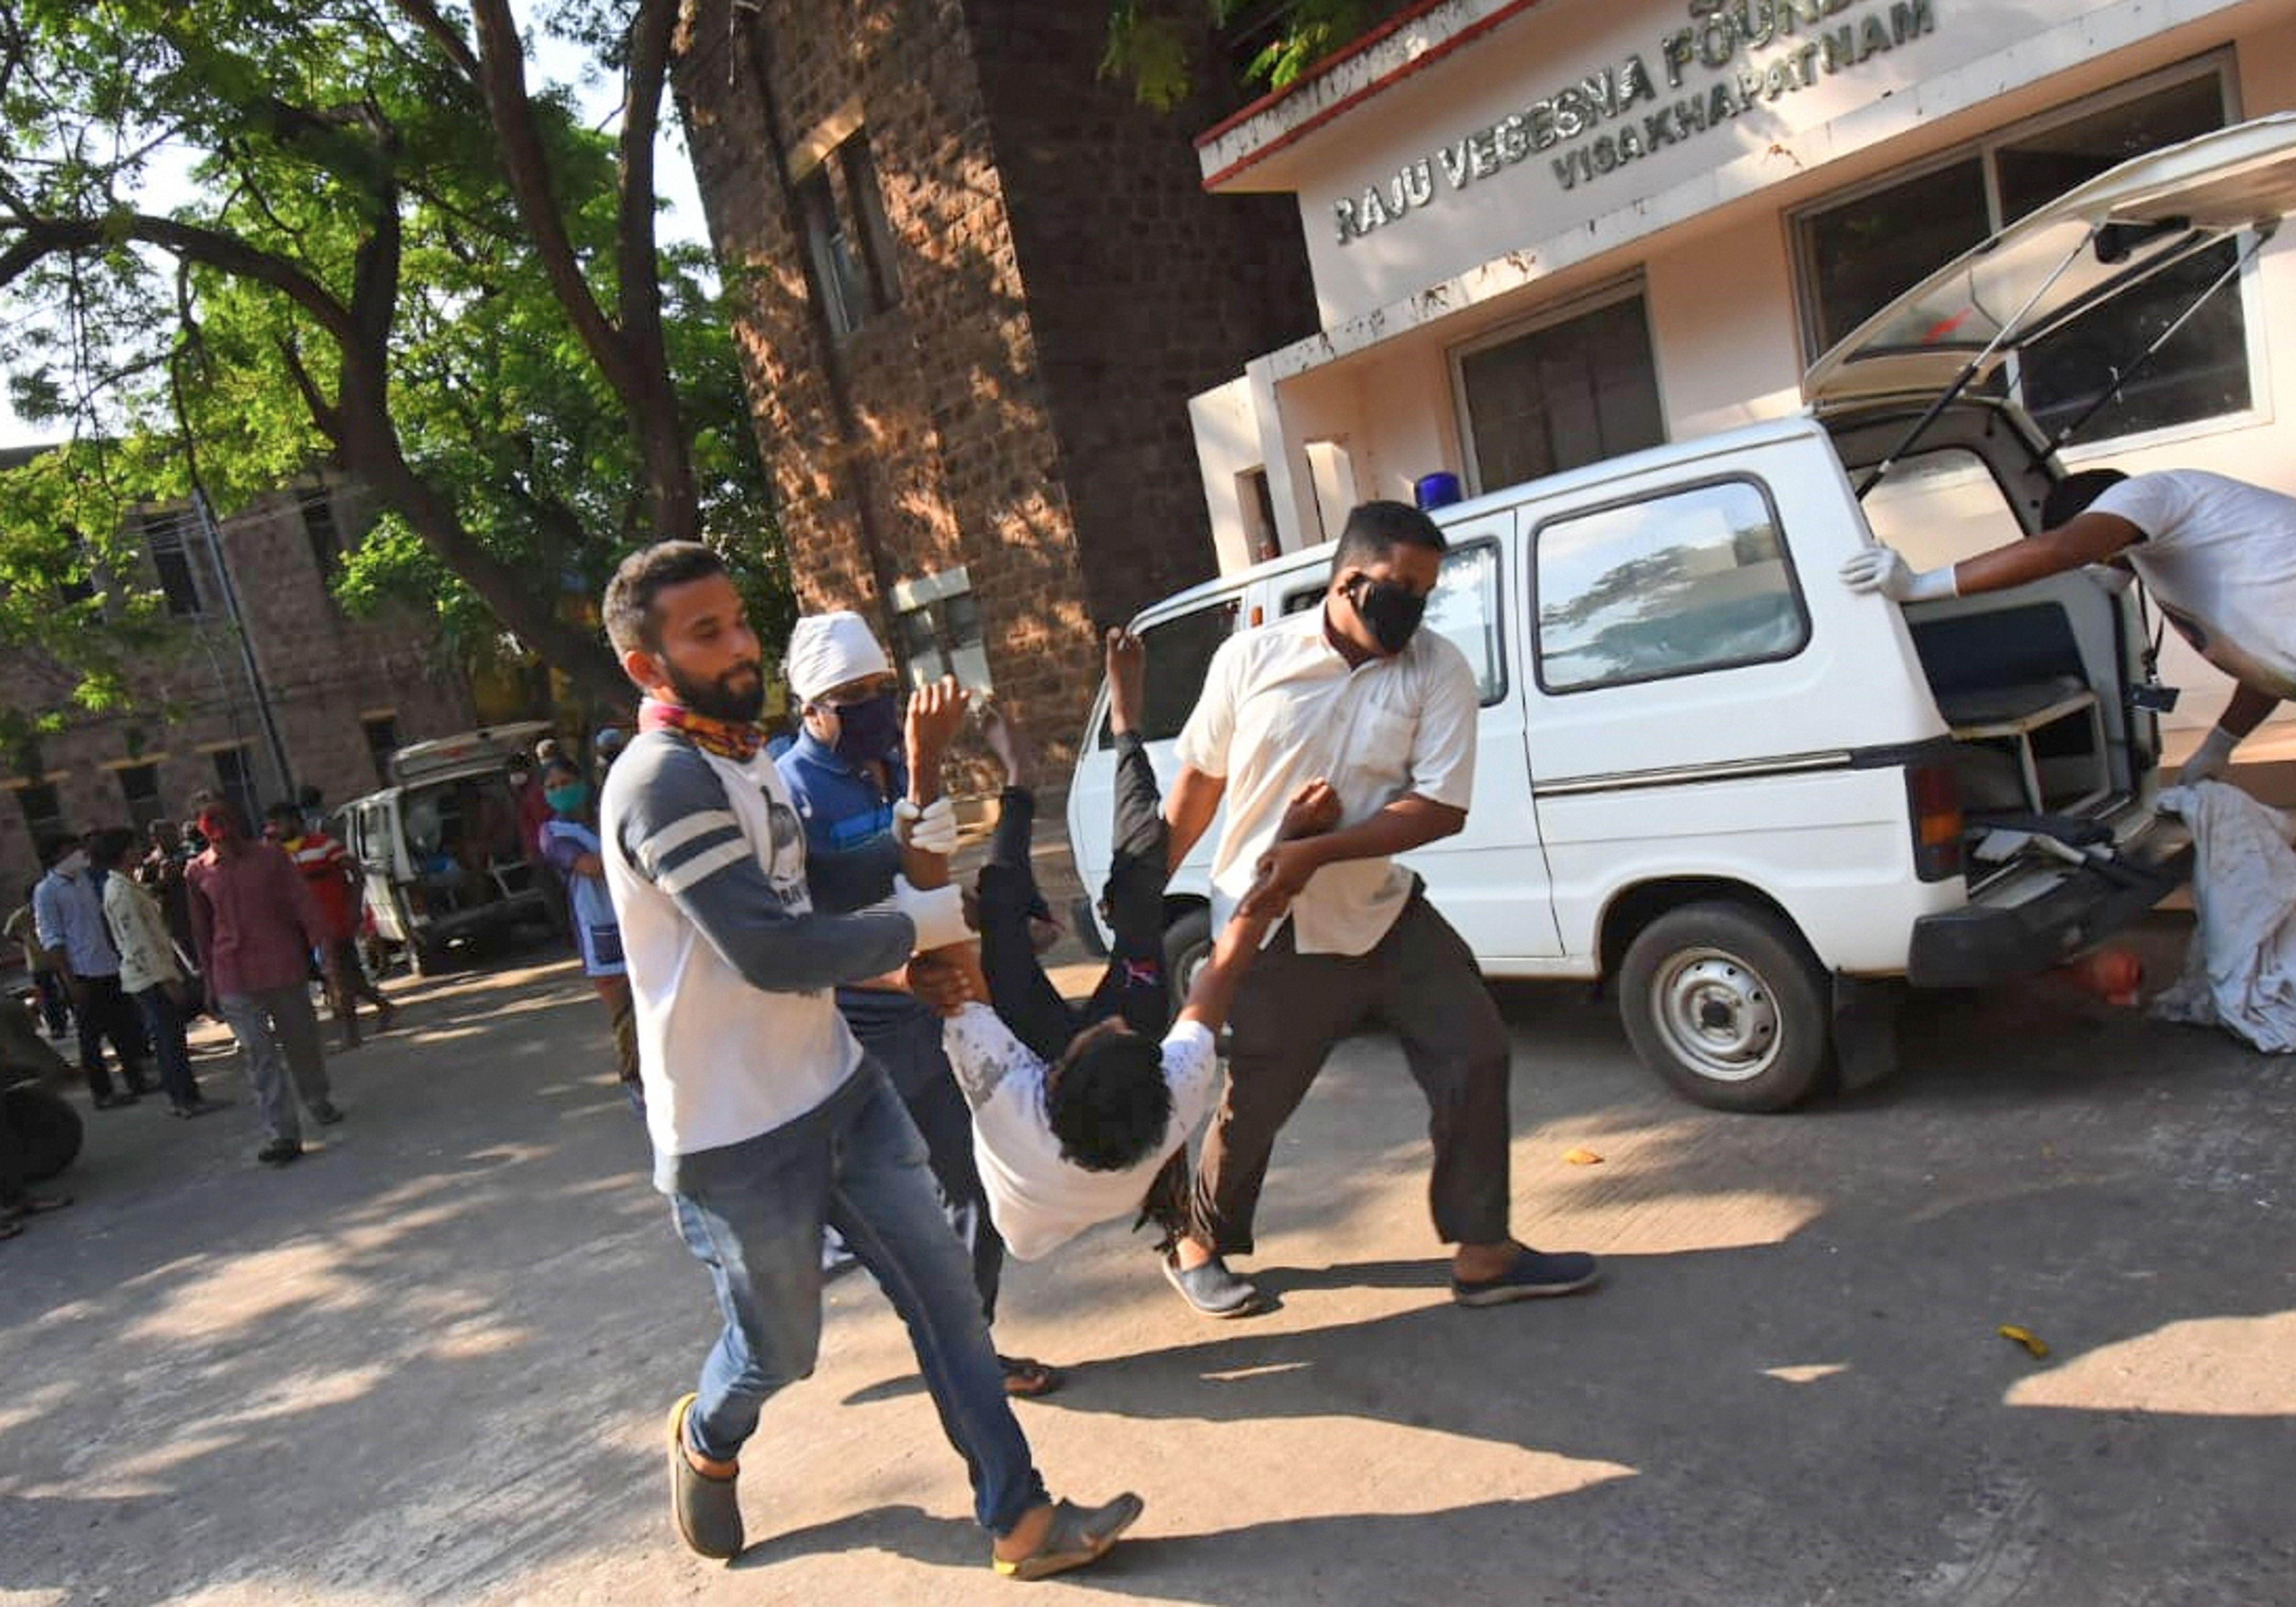 ঘটনার পর দিল্লিতে জরুরি বৈঠকে বসেন মোদী। উপস্থিত ছিলেন অমিত শাহ-রাজনাথ সিং (PTI)